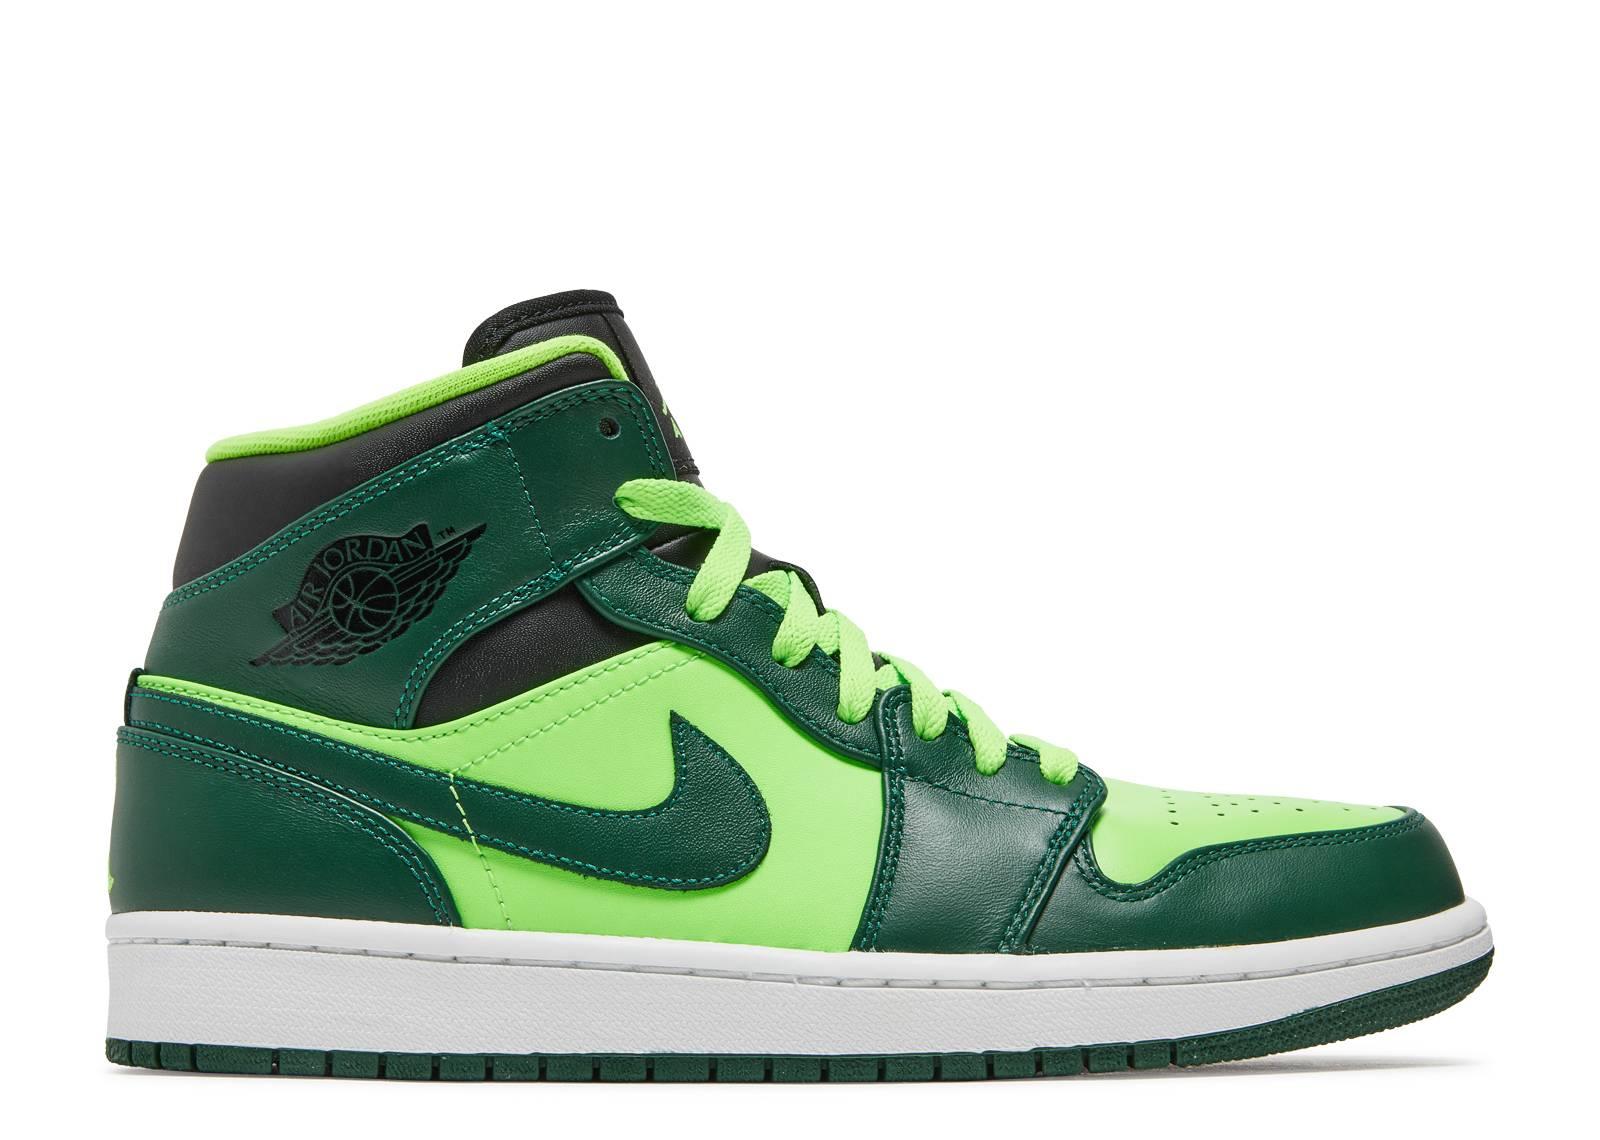 on sale f0f15 76e76 Air Jordan 1 Mid 'Hulk'